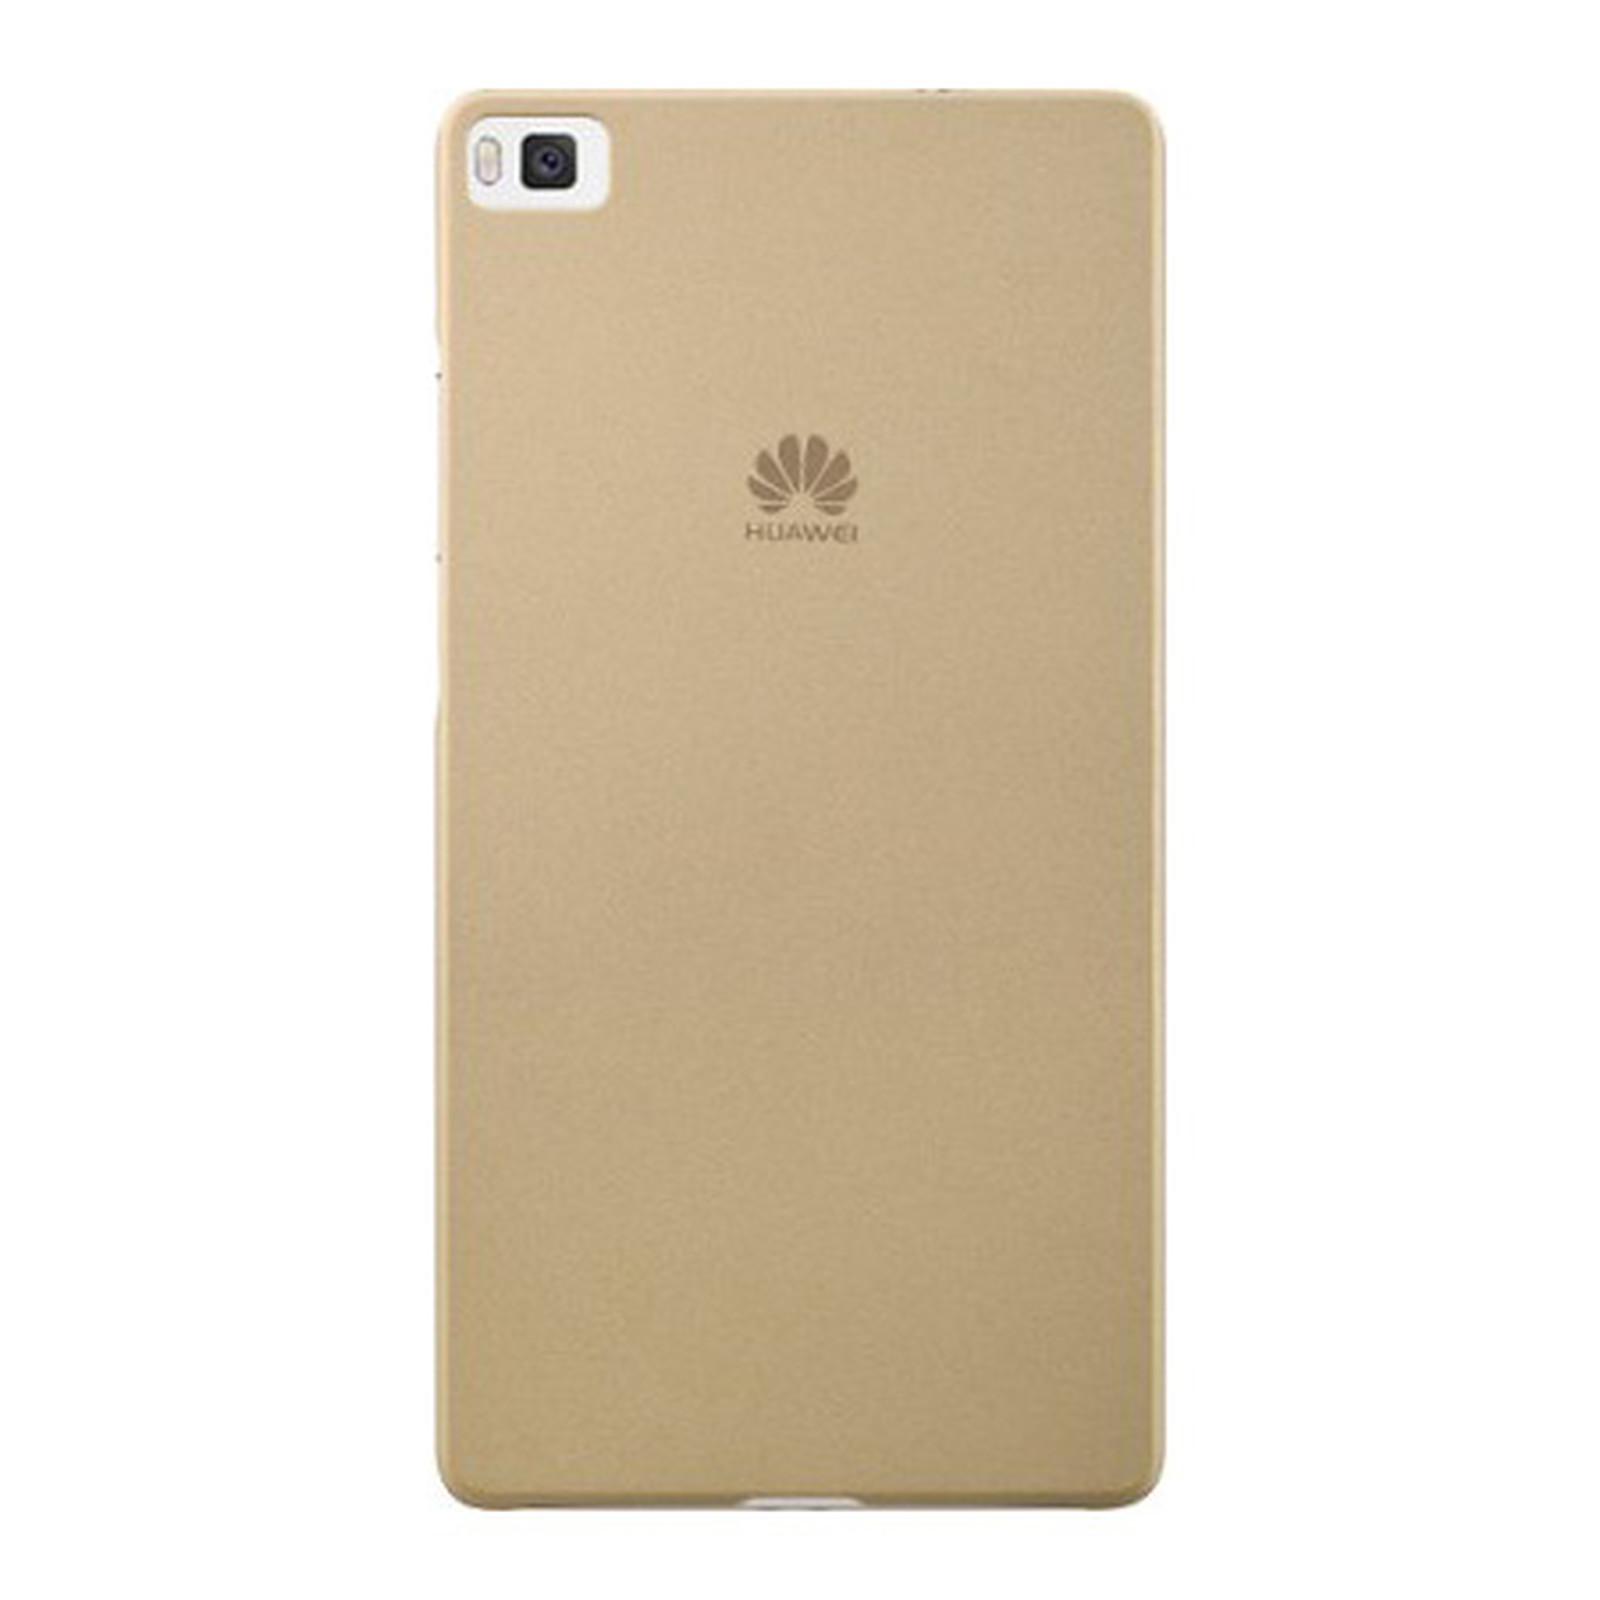 Huawei TPU Case Sable Huawei P8